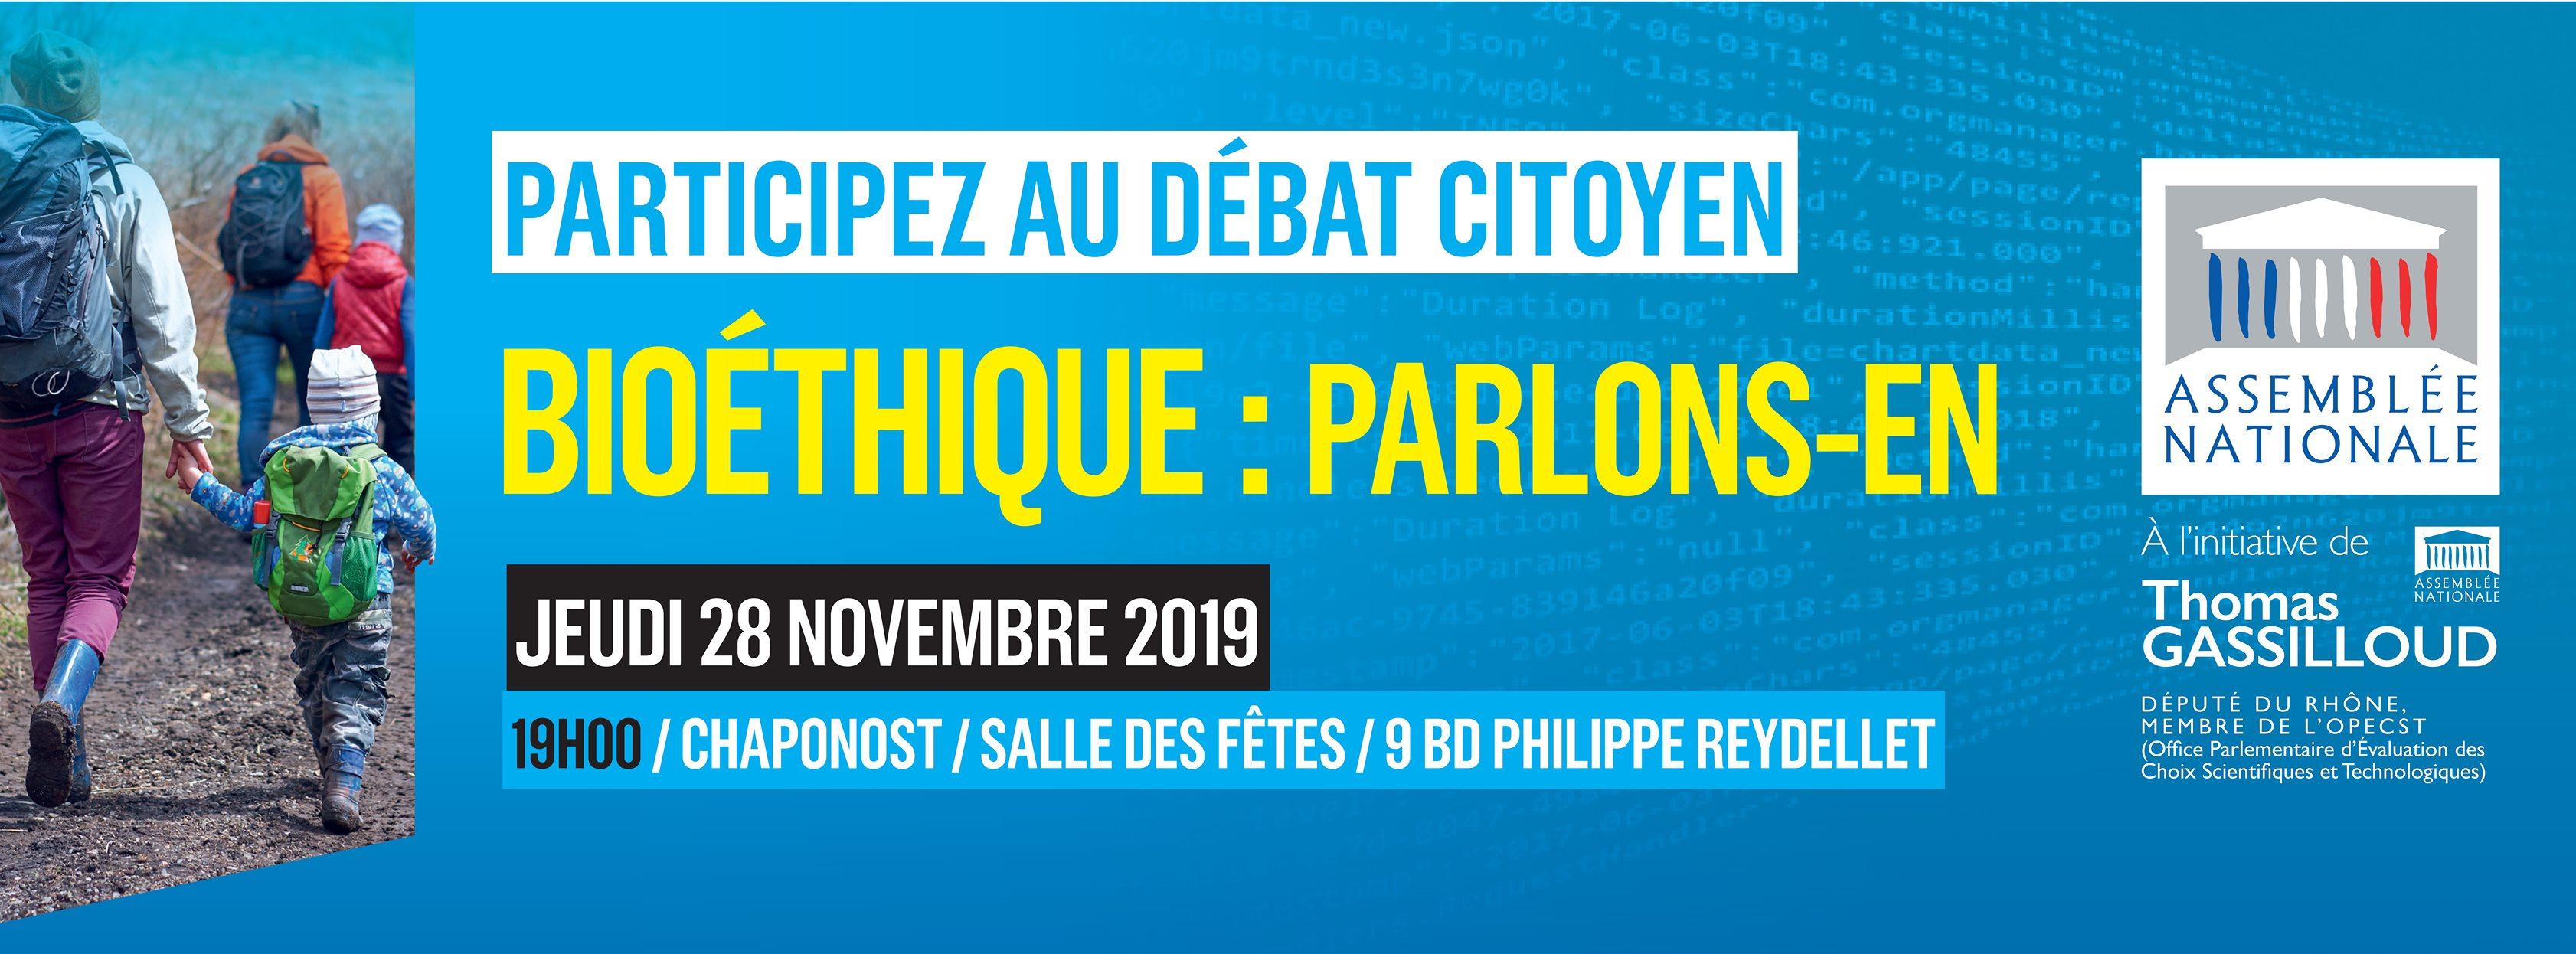 Le conseil de circonscription de Thomas Gassilloud organise un débat public sur la bioéthique, jeudi 28 novembre 2019